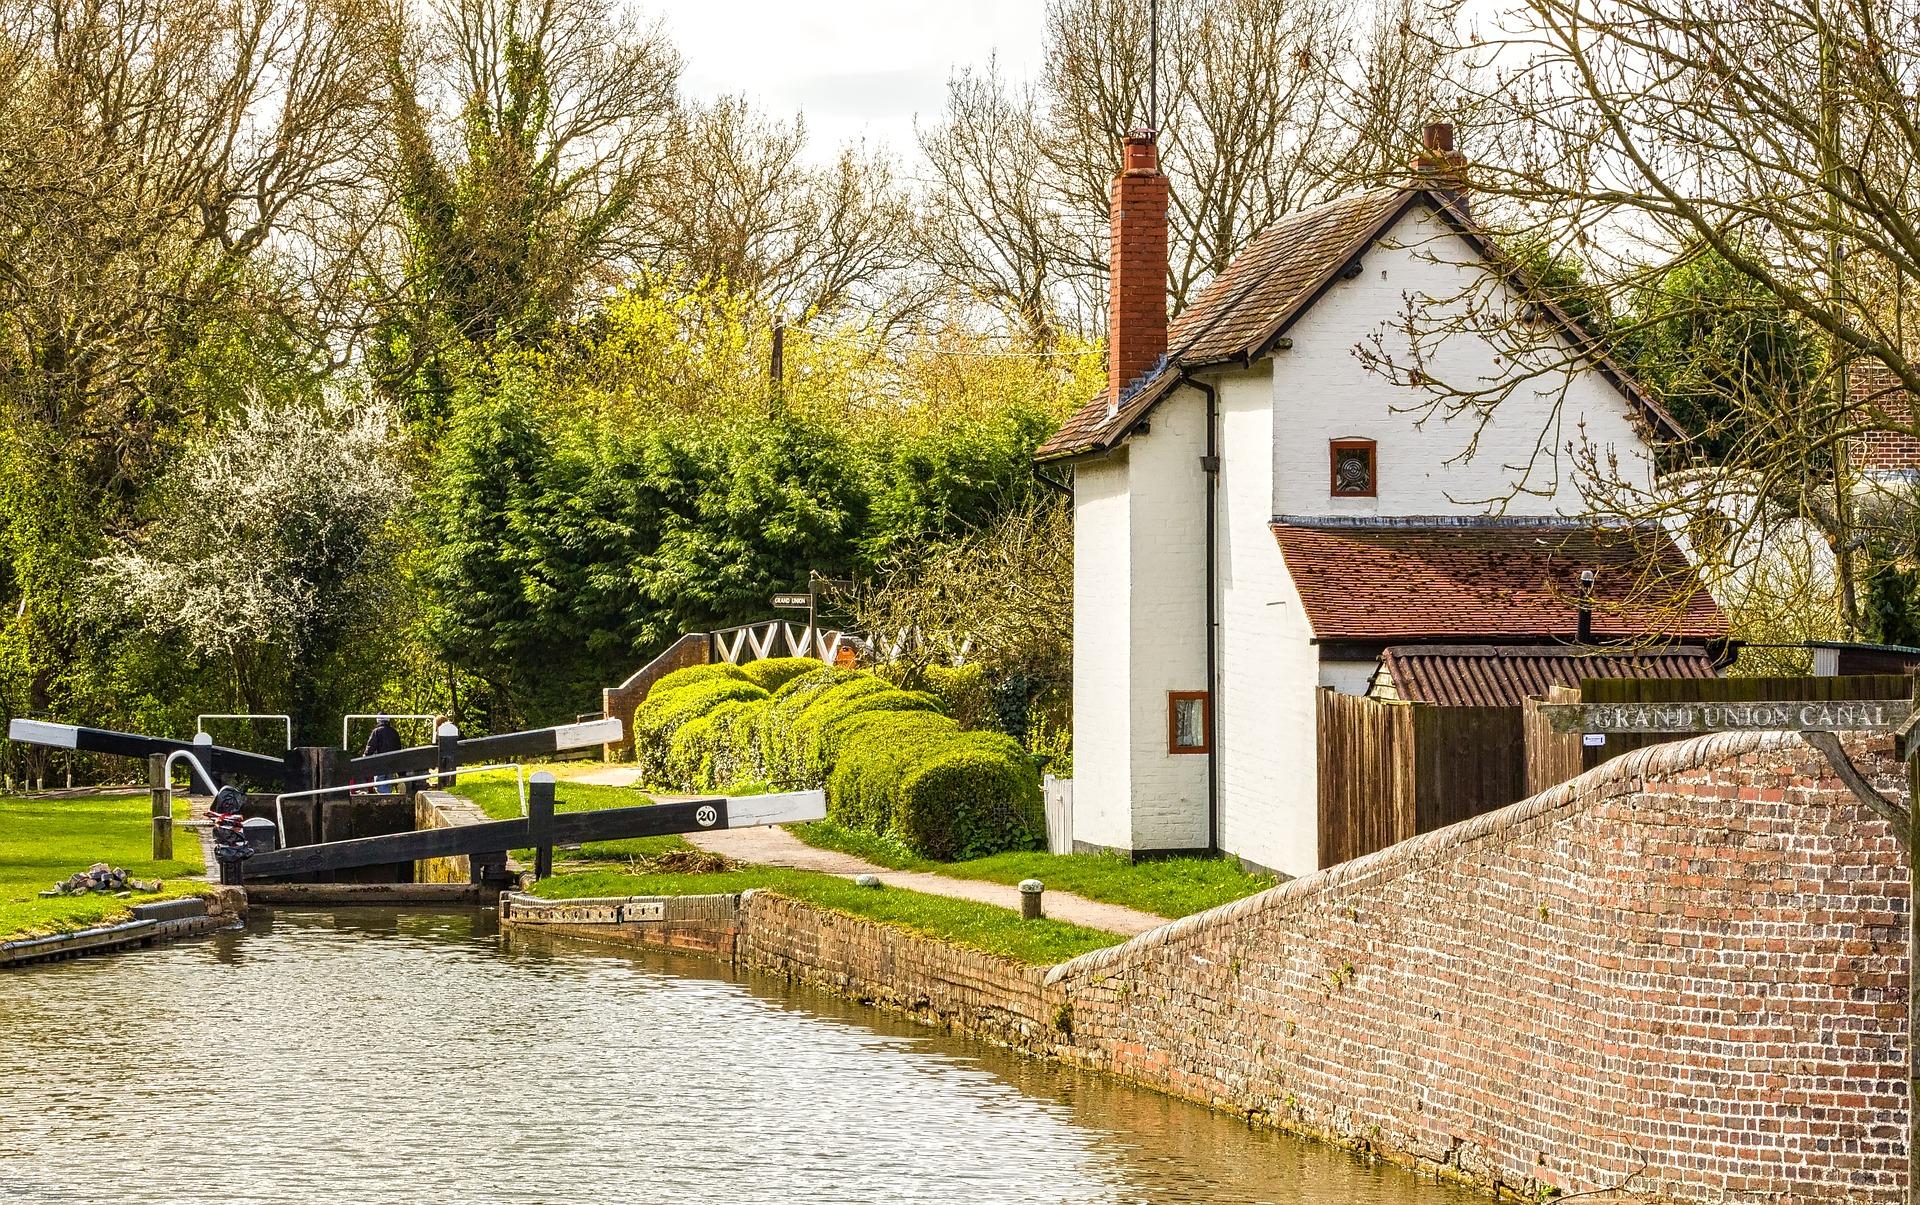 Billeder fra området - Coventry